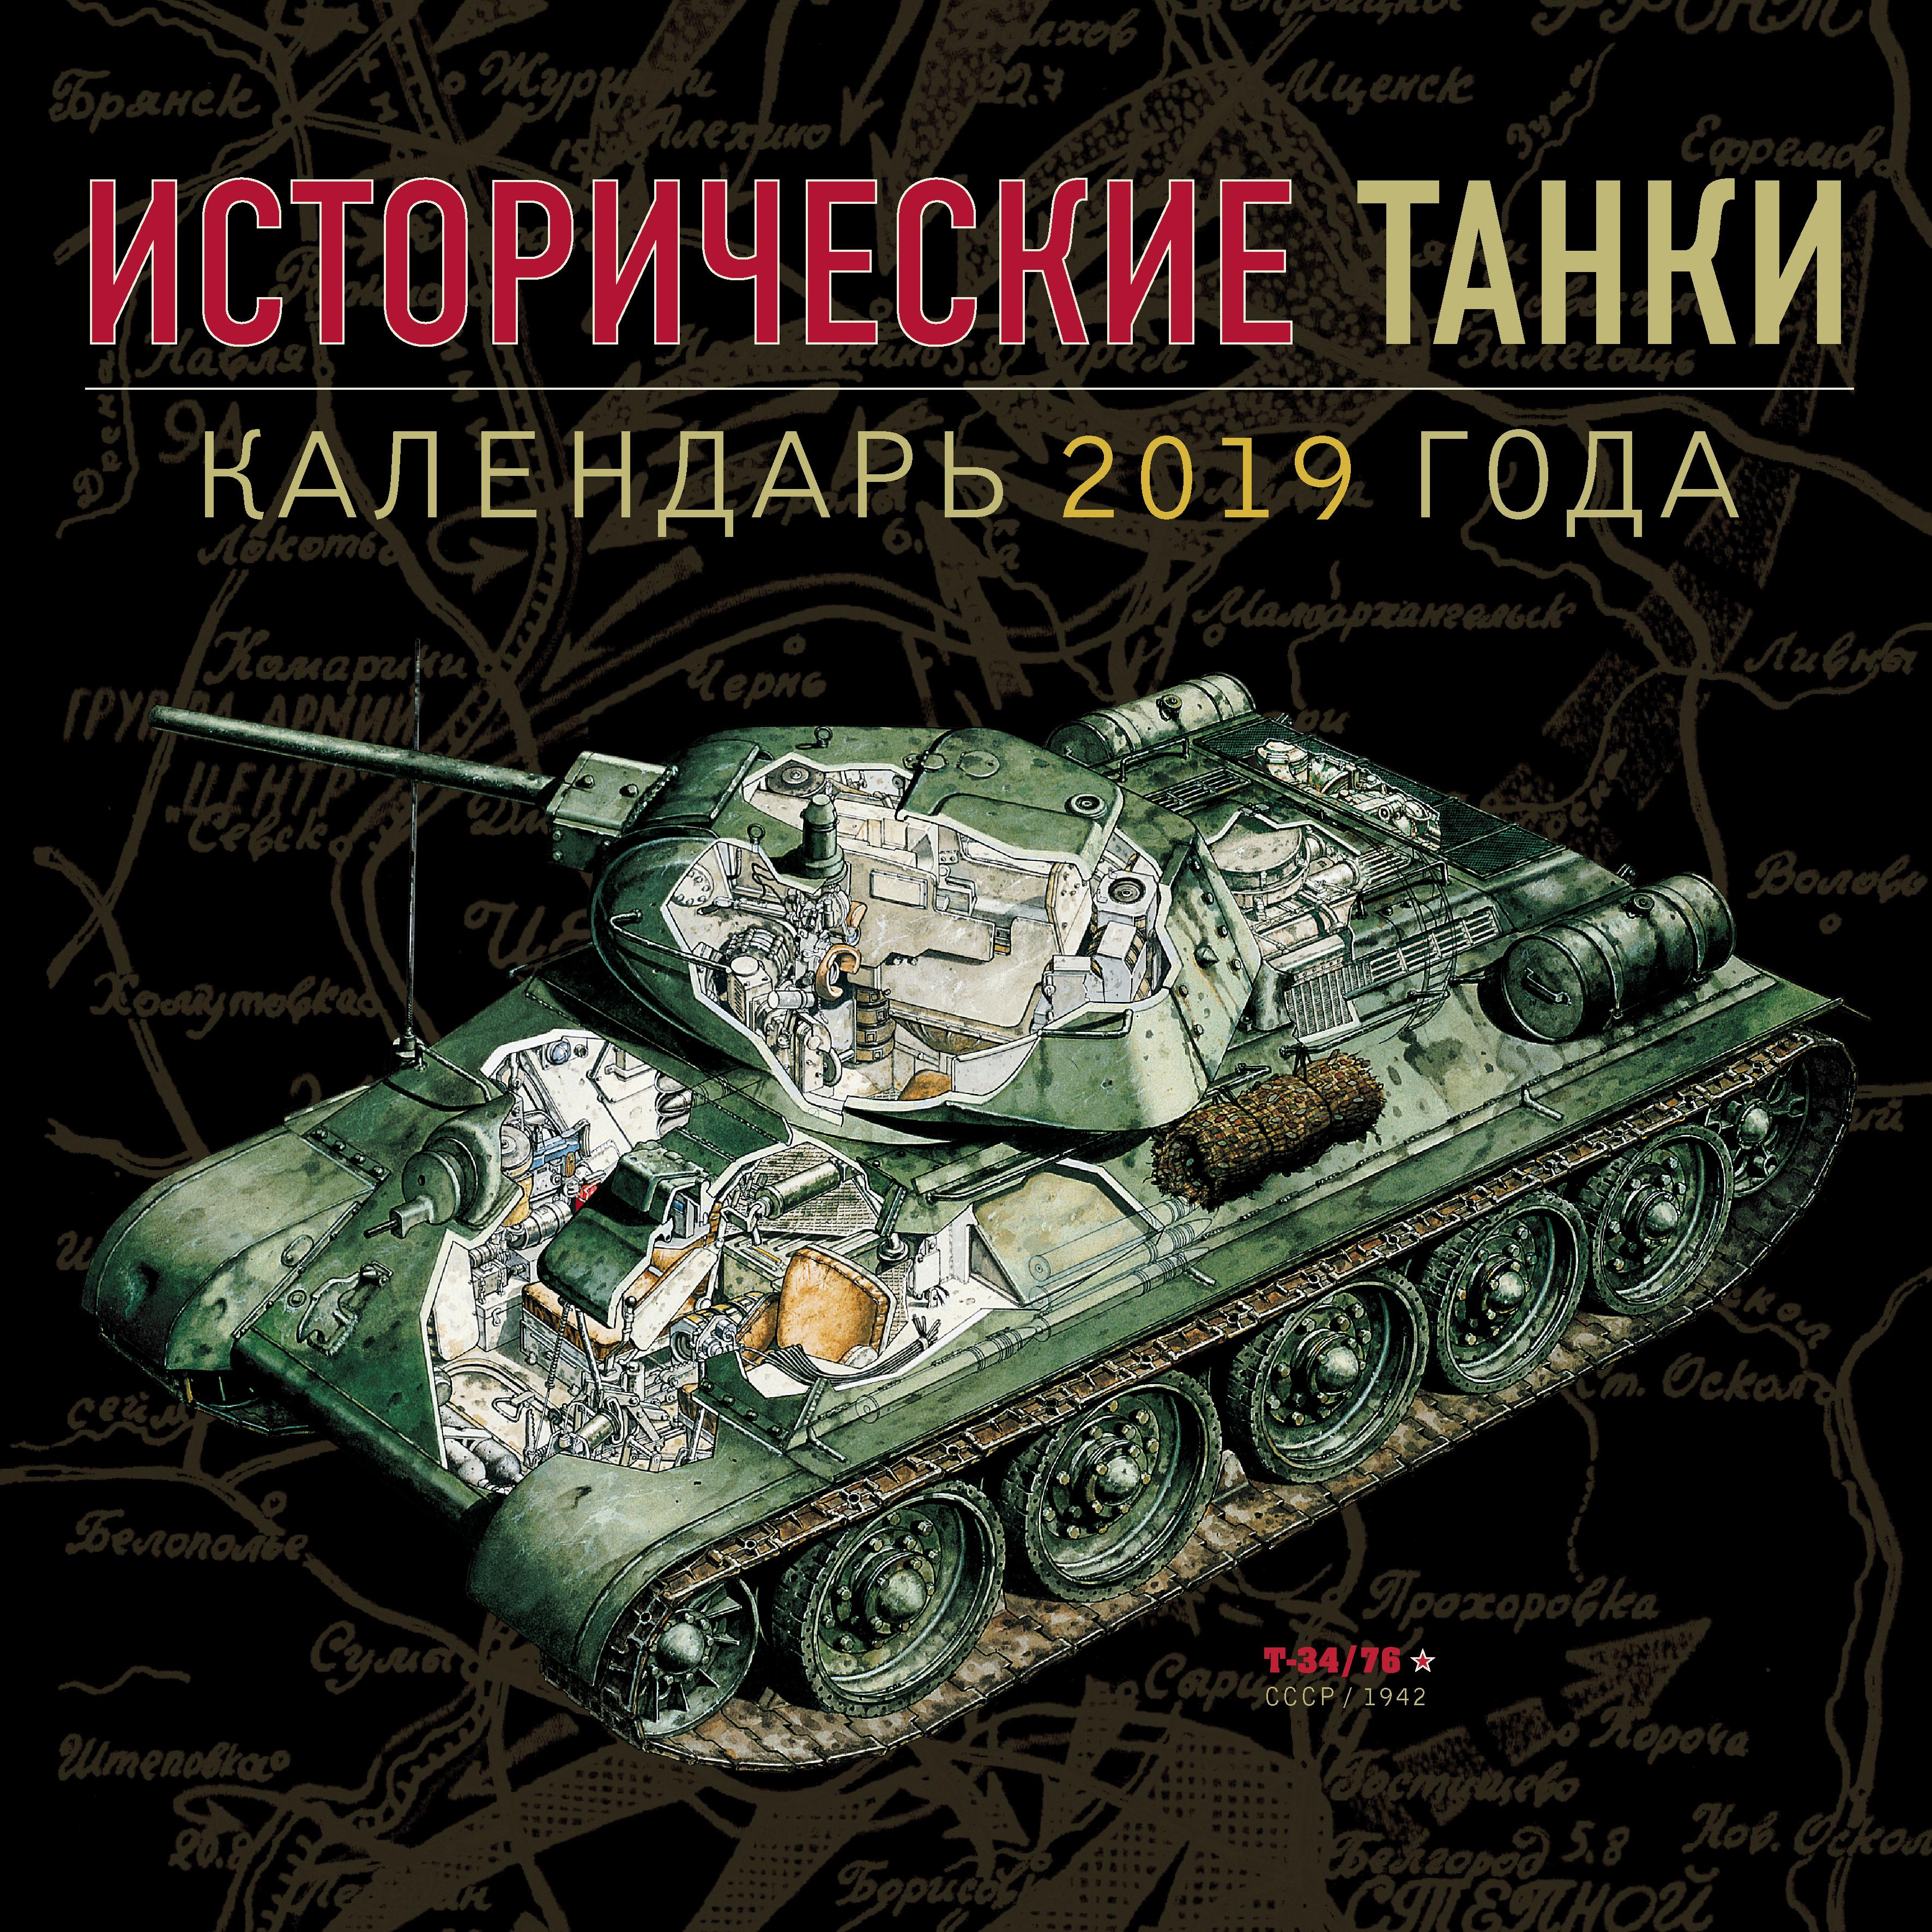 Исторические танки. Классические модели 1939-1950. 2019 год